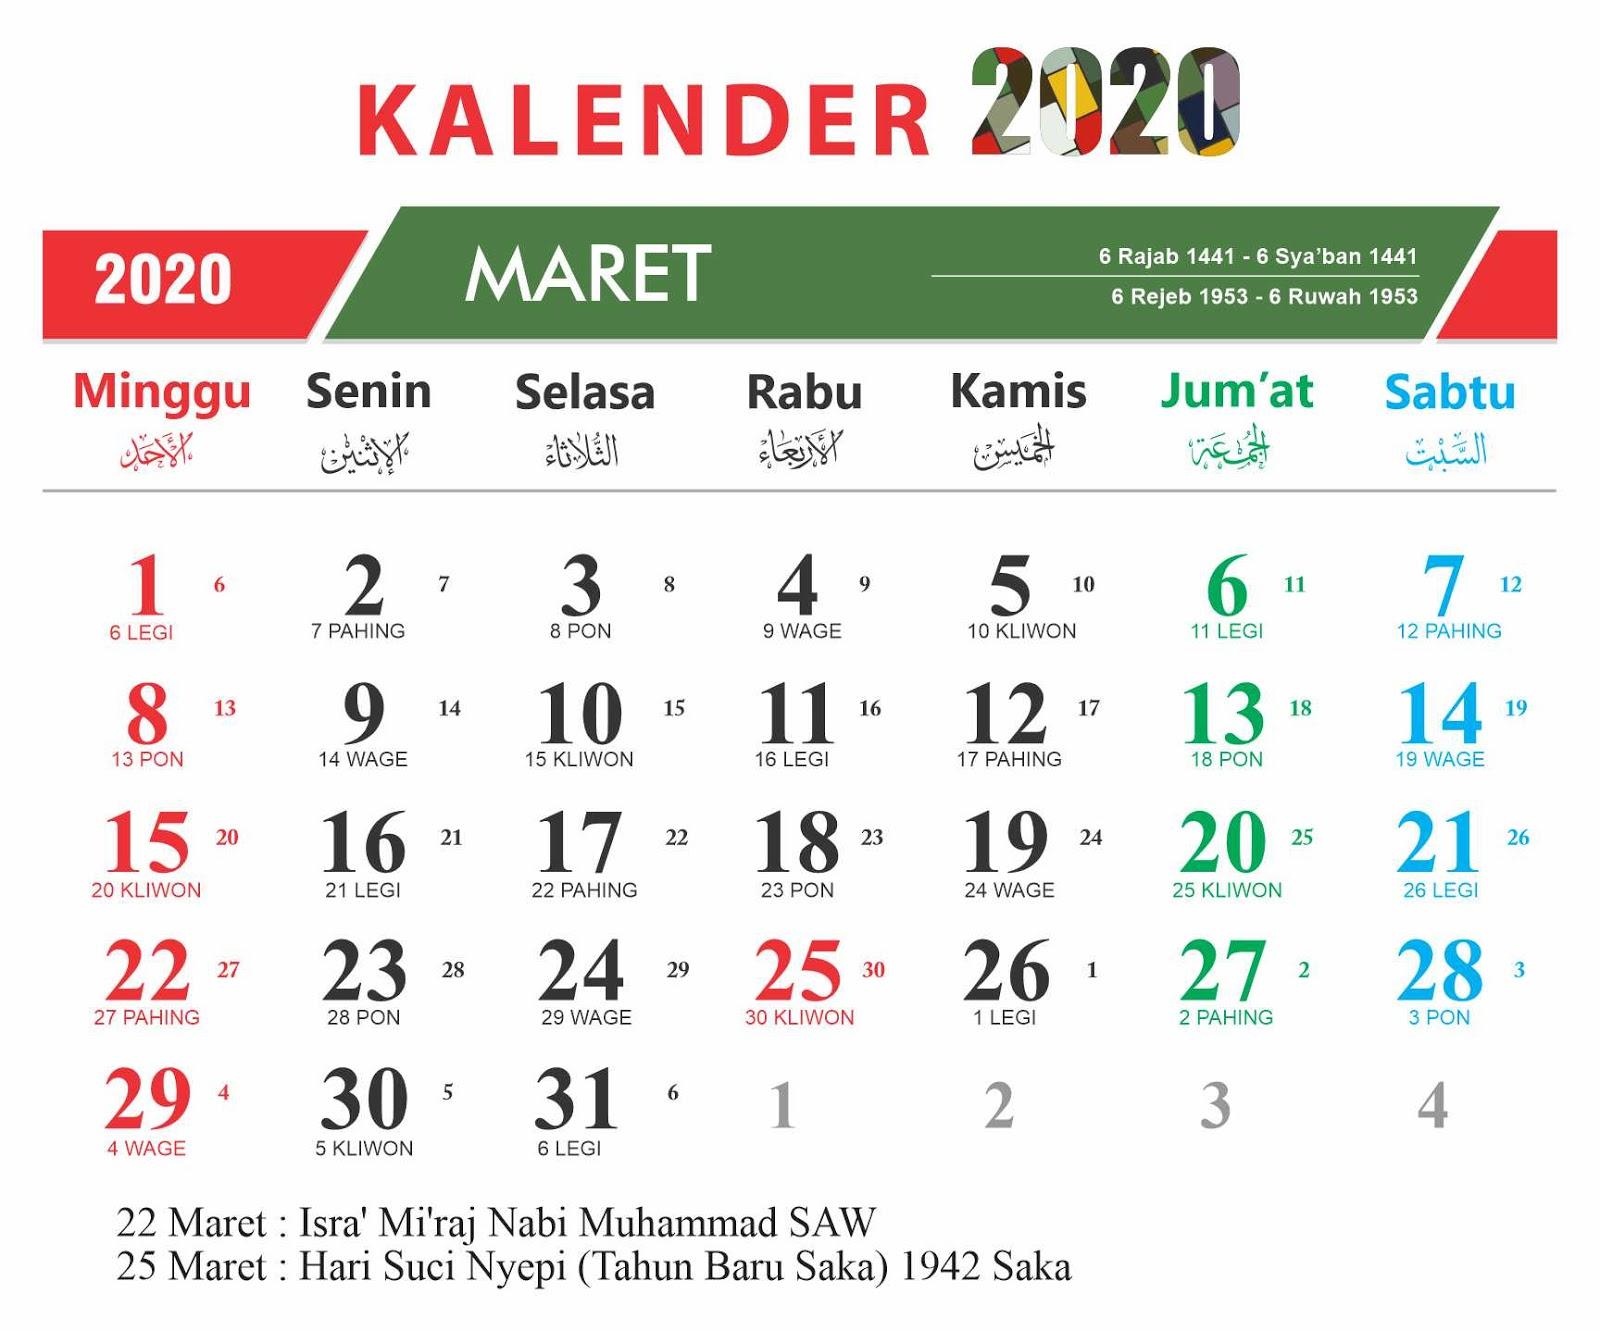 Kalender 2020 12Bulan + Hari Libur Nasional + Cuti Bersama